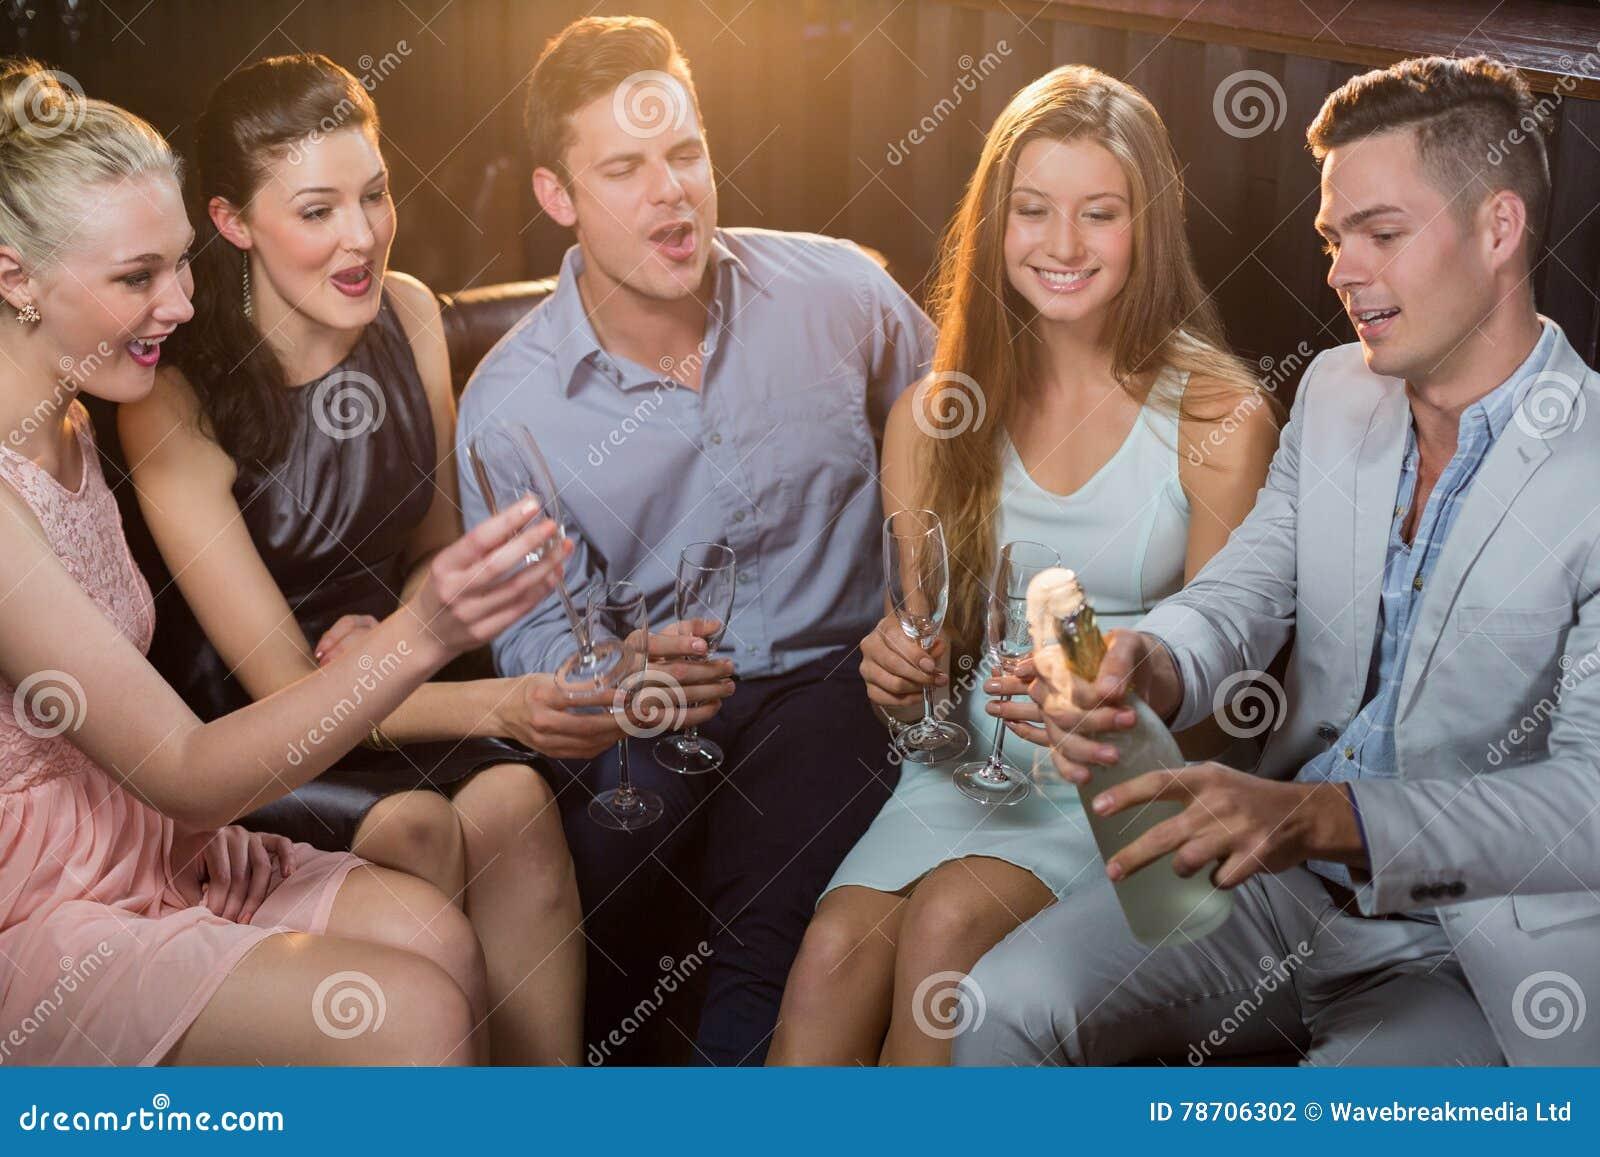 Άτομο που σκάει ένα μπουκάλι σαμπάνιας ενώ φίλοι που προσέχουν τον